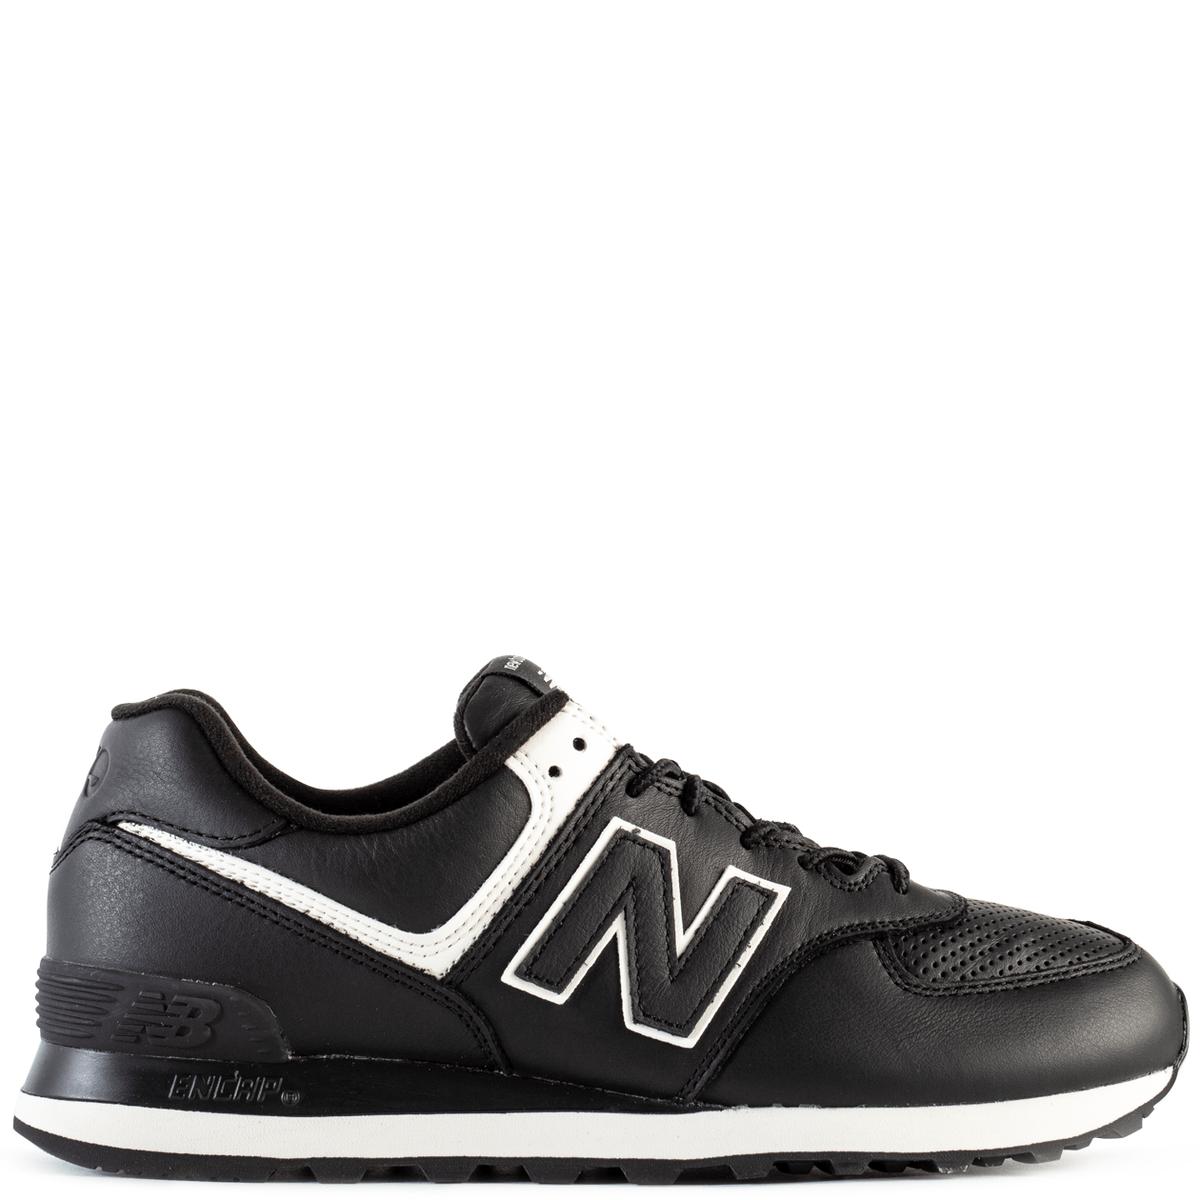 New Balance X Eye Junya 574 Sneakers Black